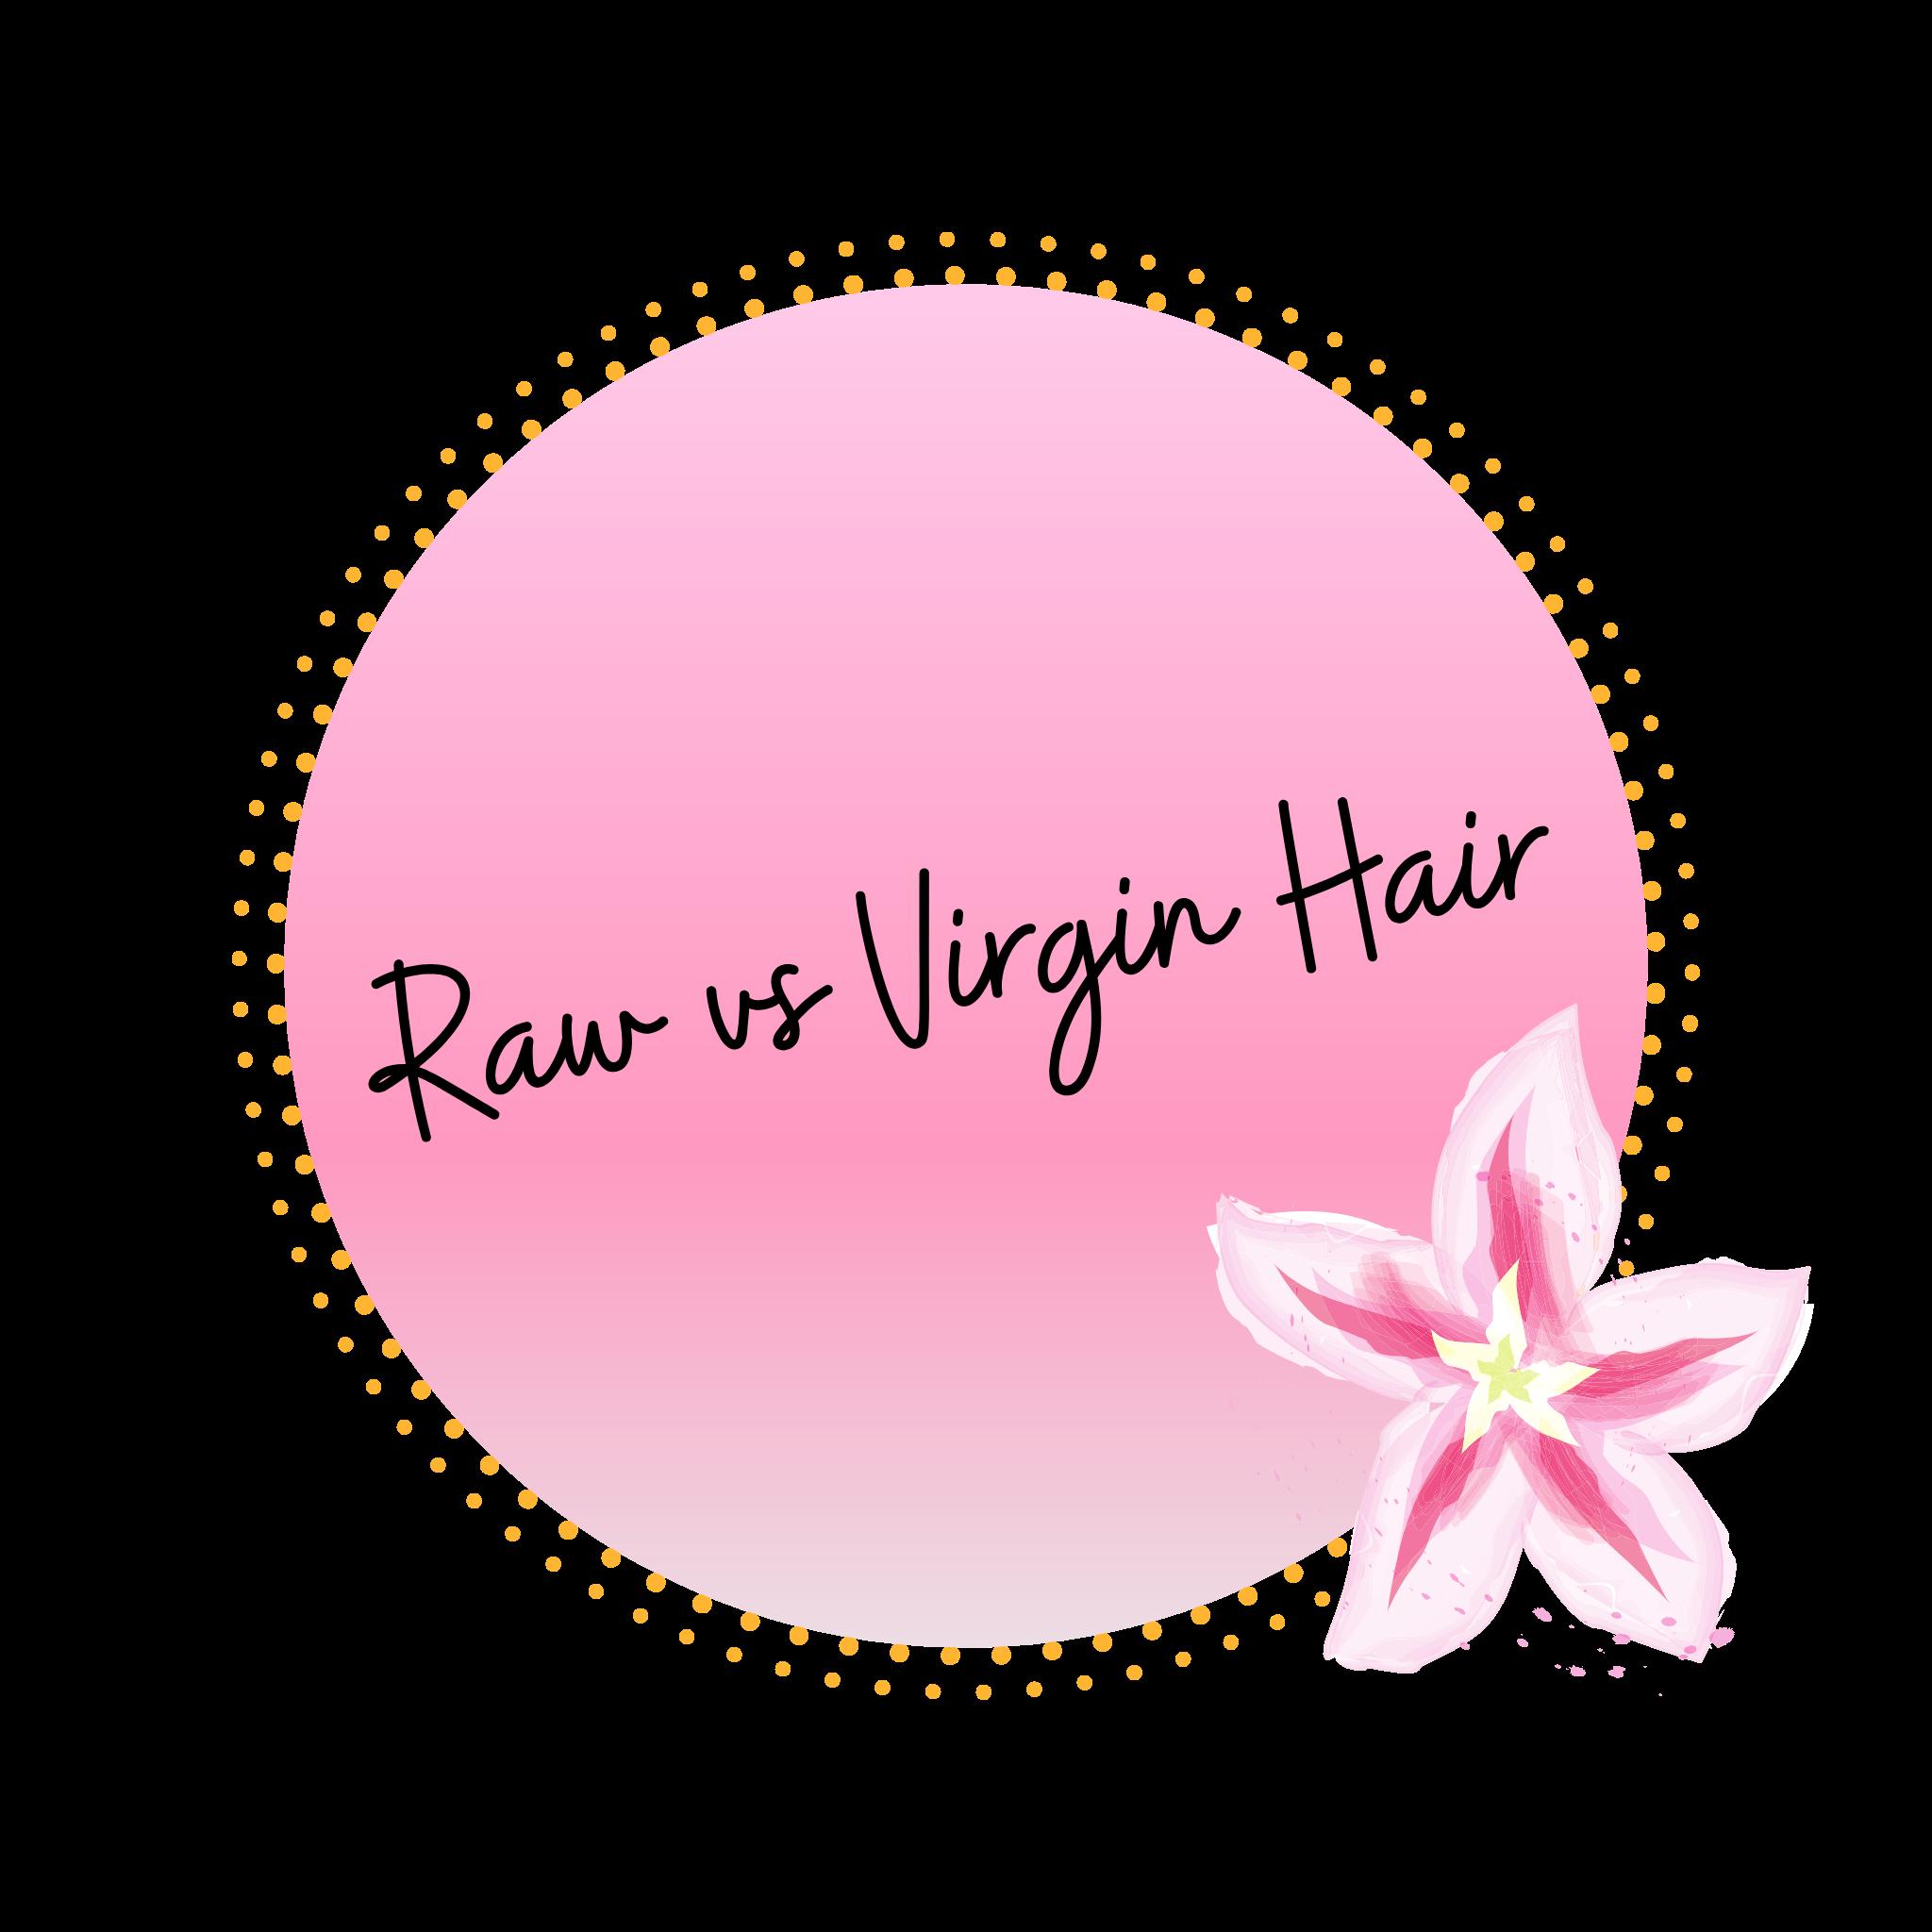 Raw Versus Virgin Hair